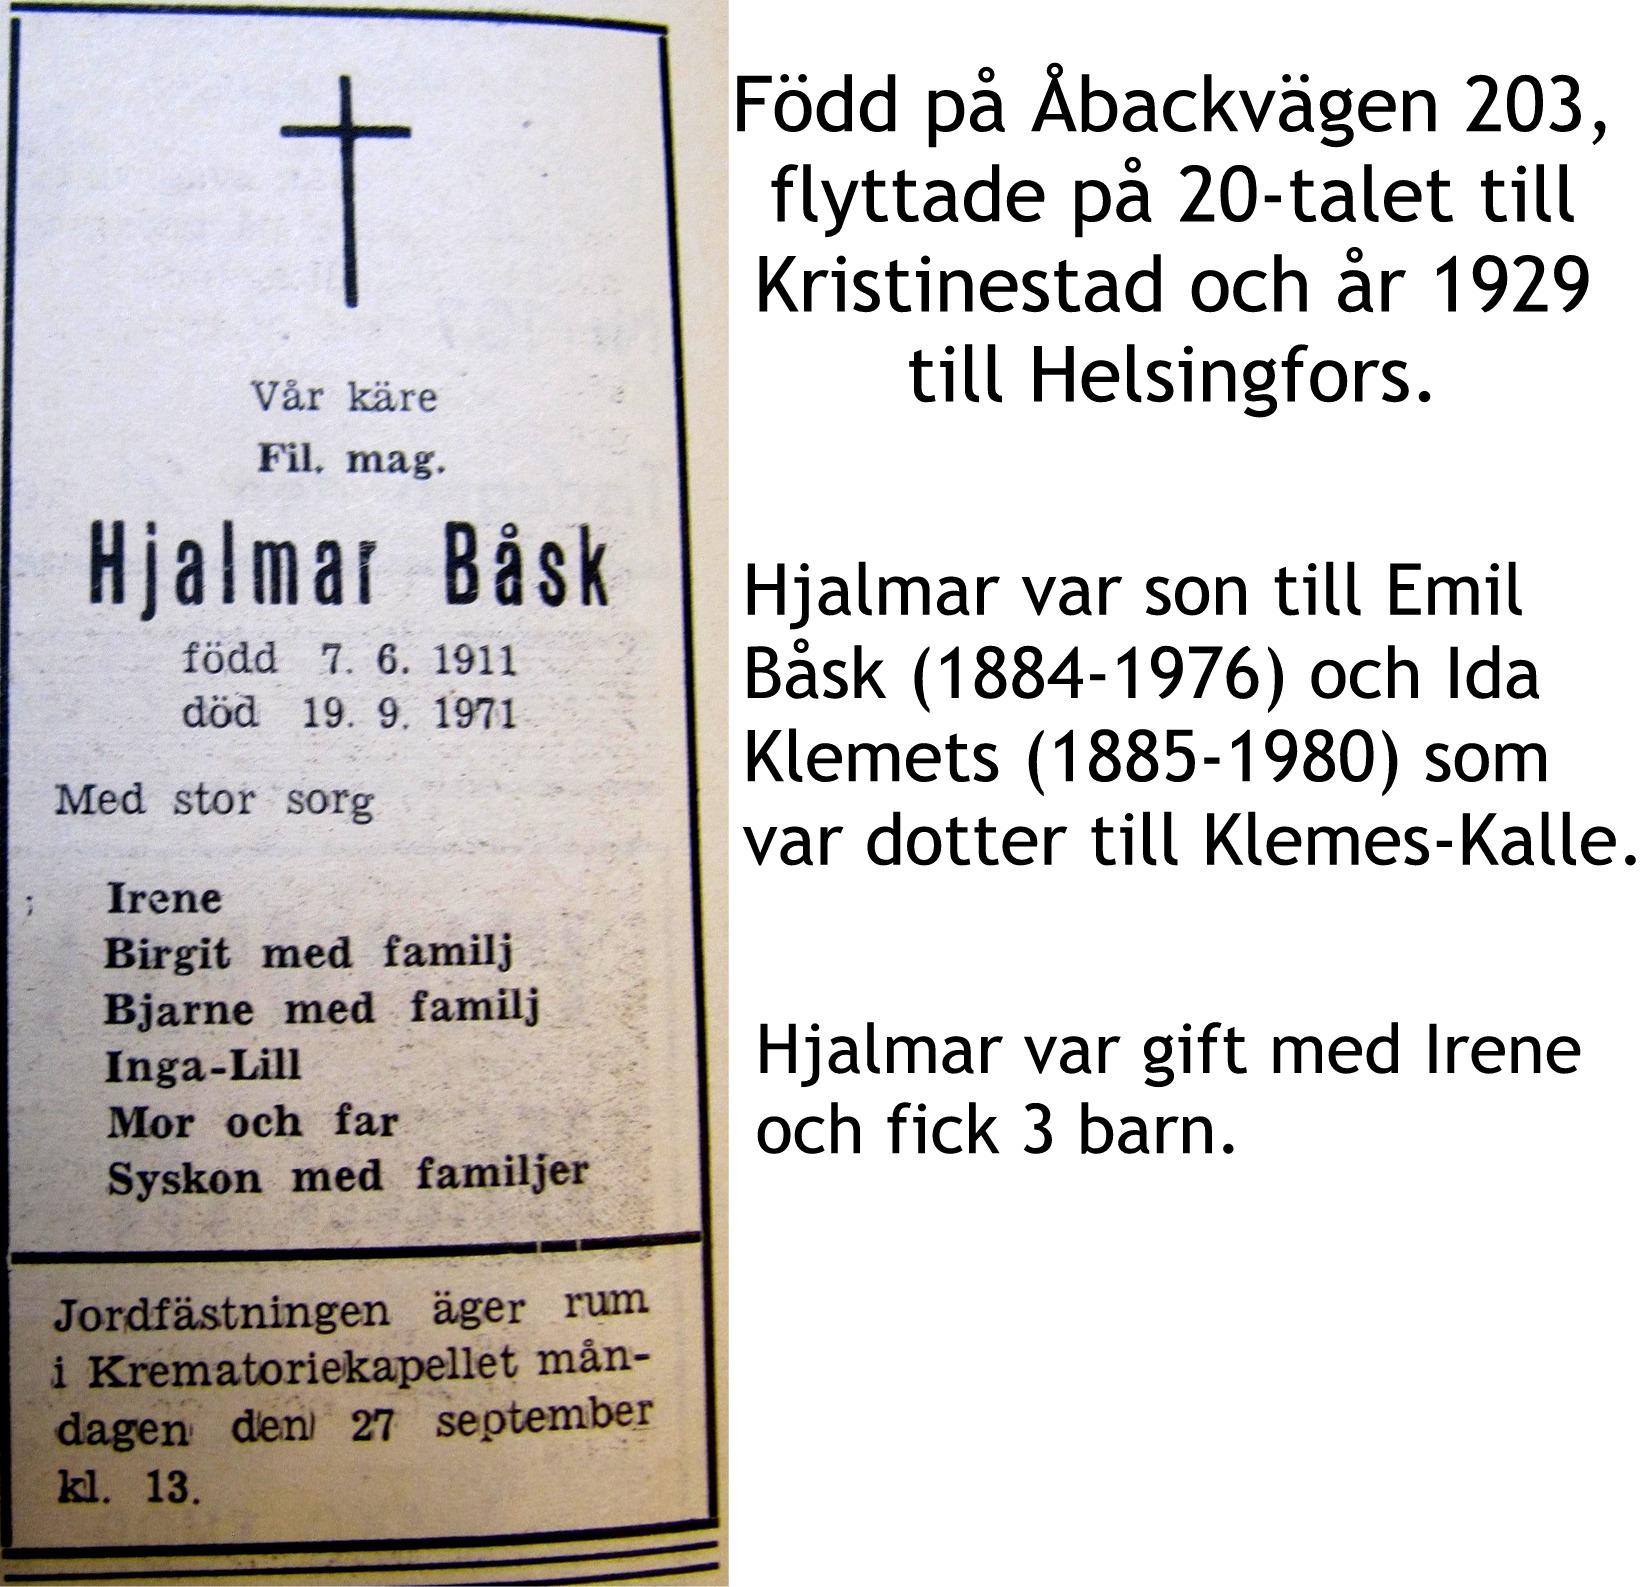 Båsk Hjalmar